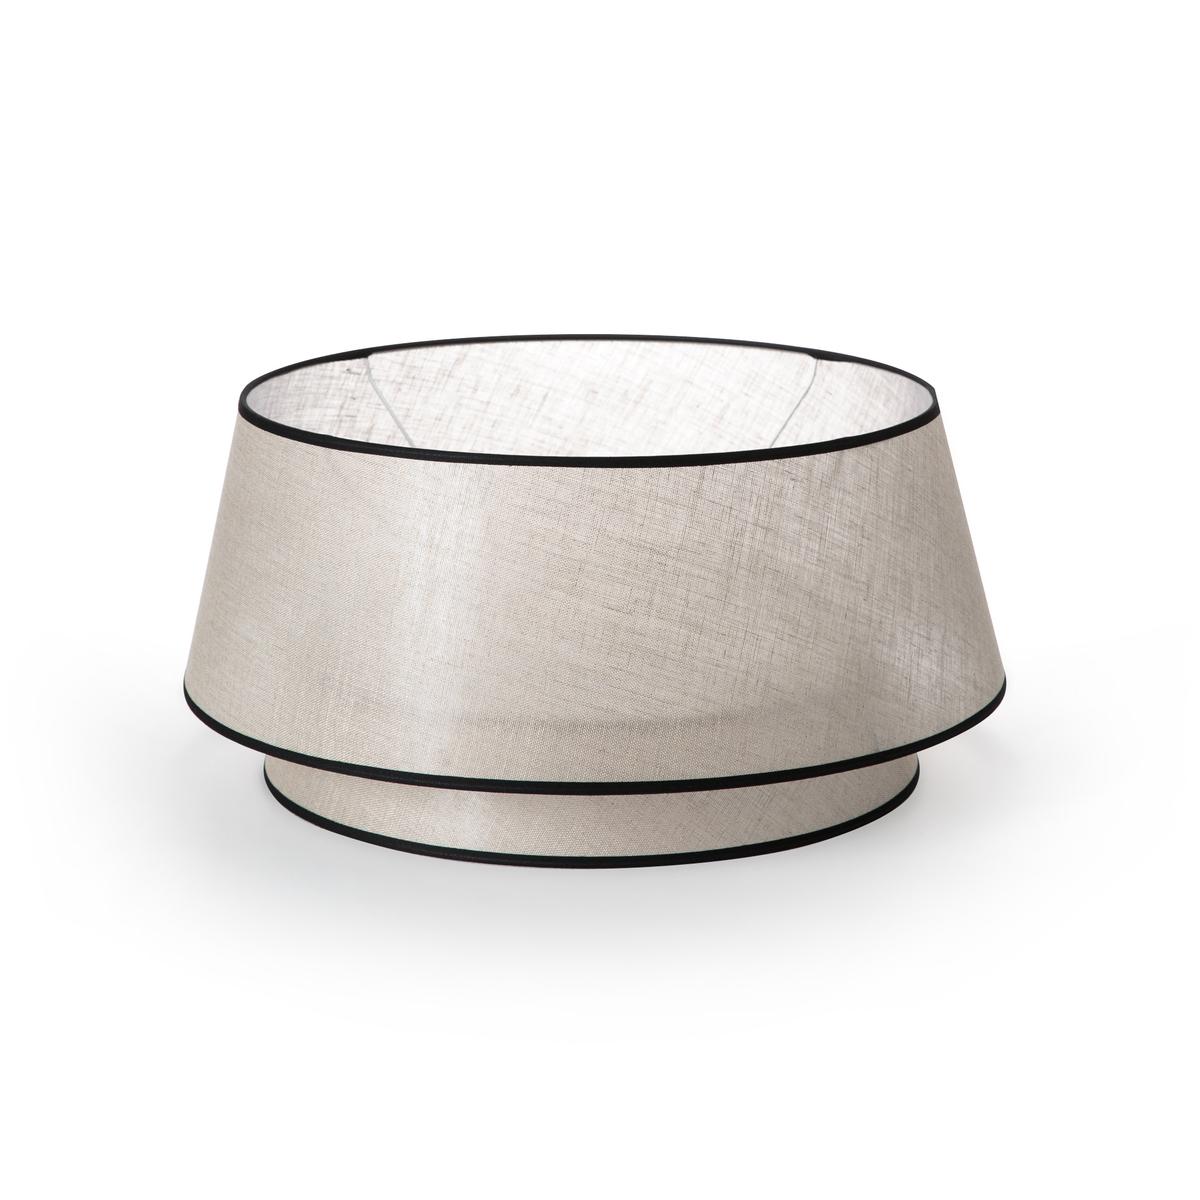 Абажур La Redoute Двойной из льна Epilogon диаметр 40 см бежевый абажур для подвесного светильника epilogon